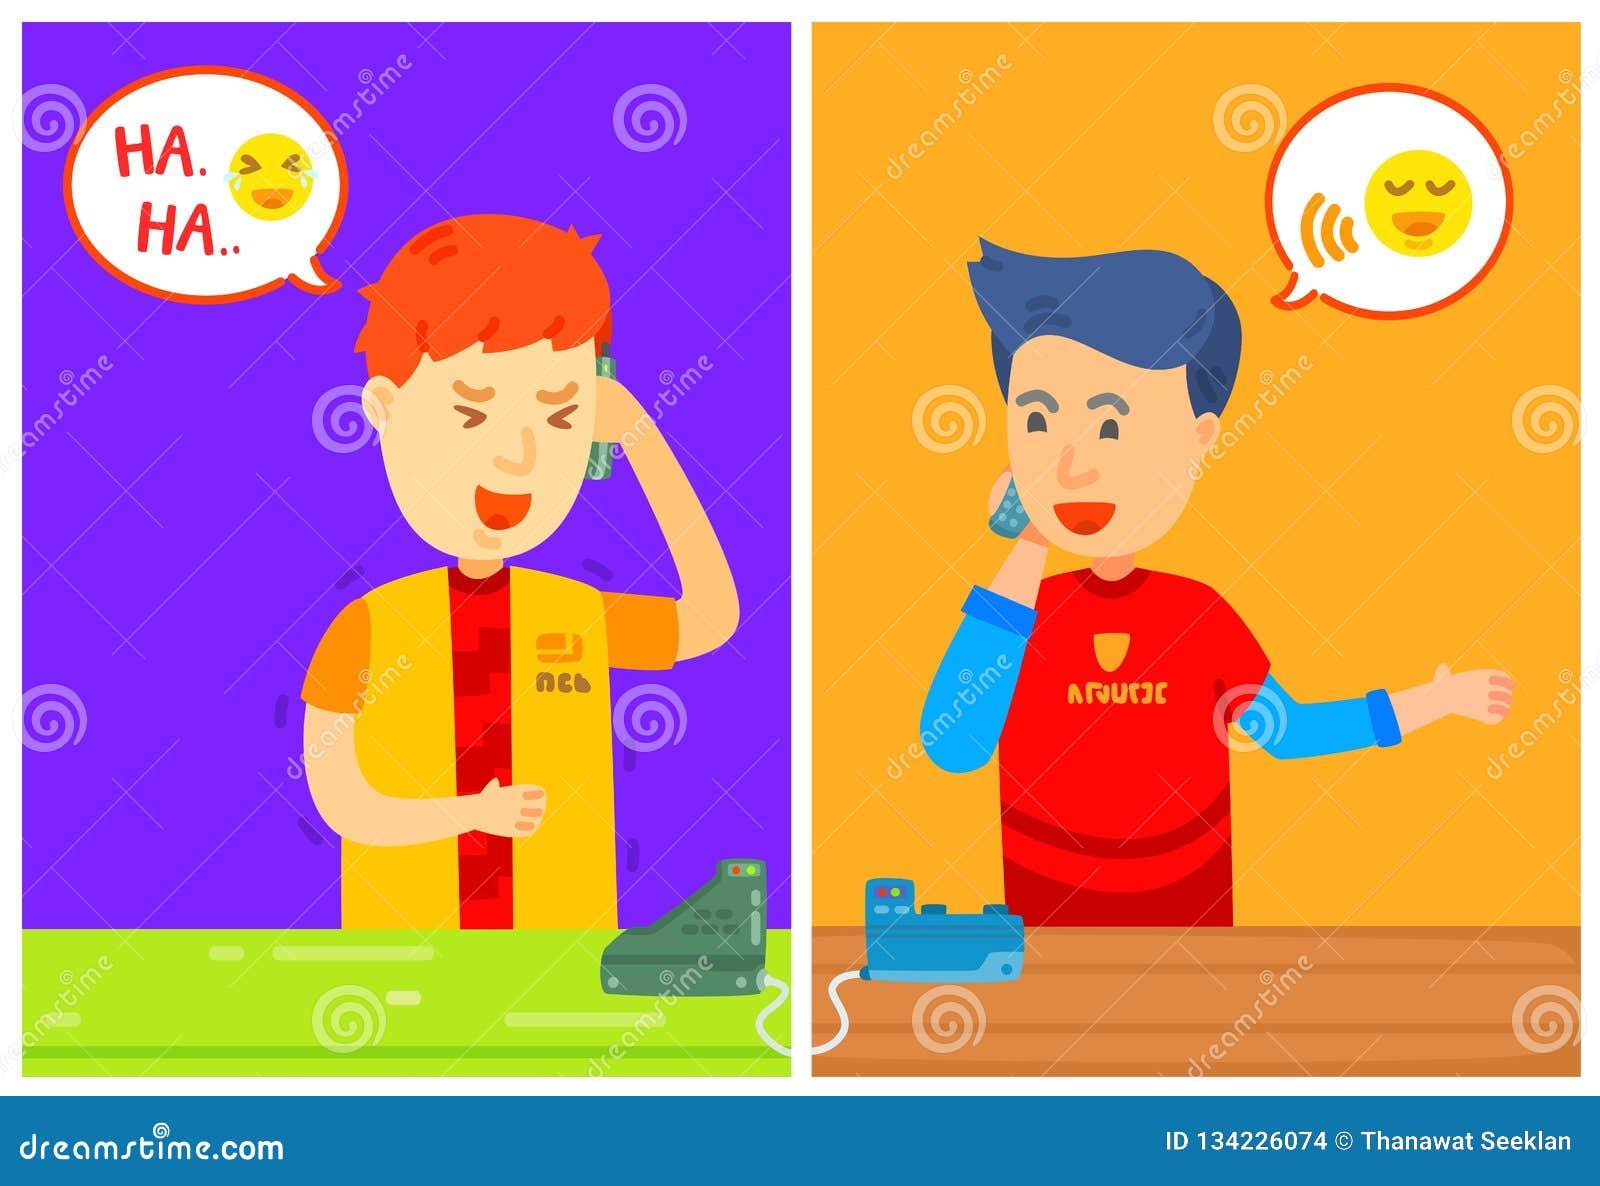 拜访有信息框的,家的两个人字符电话,在电话,他们谈了话在电话,有一次长的交谈